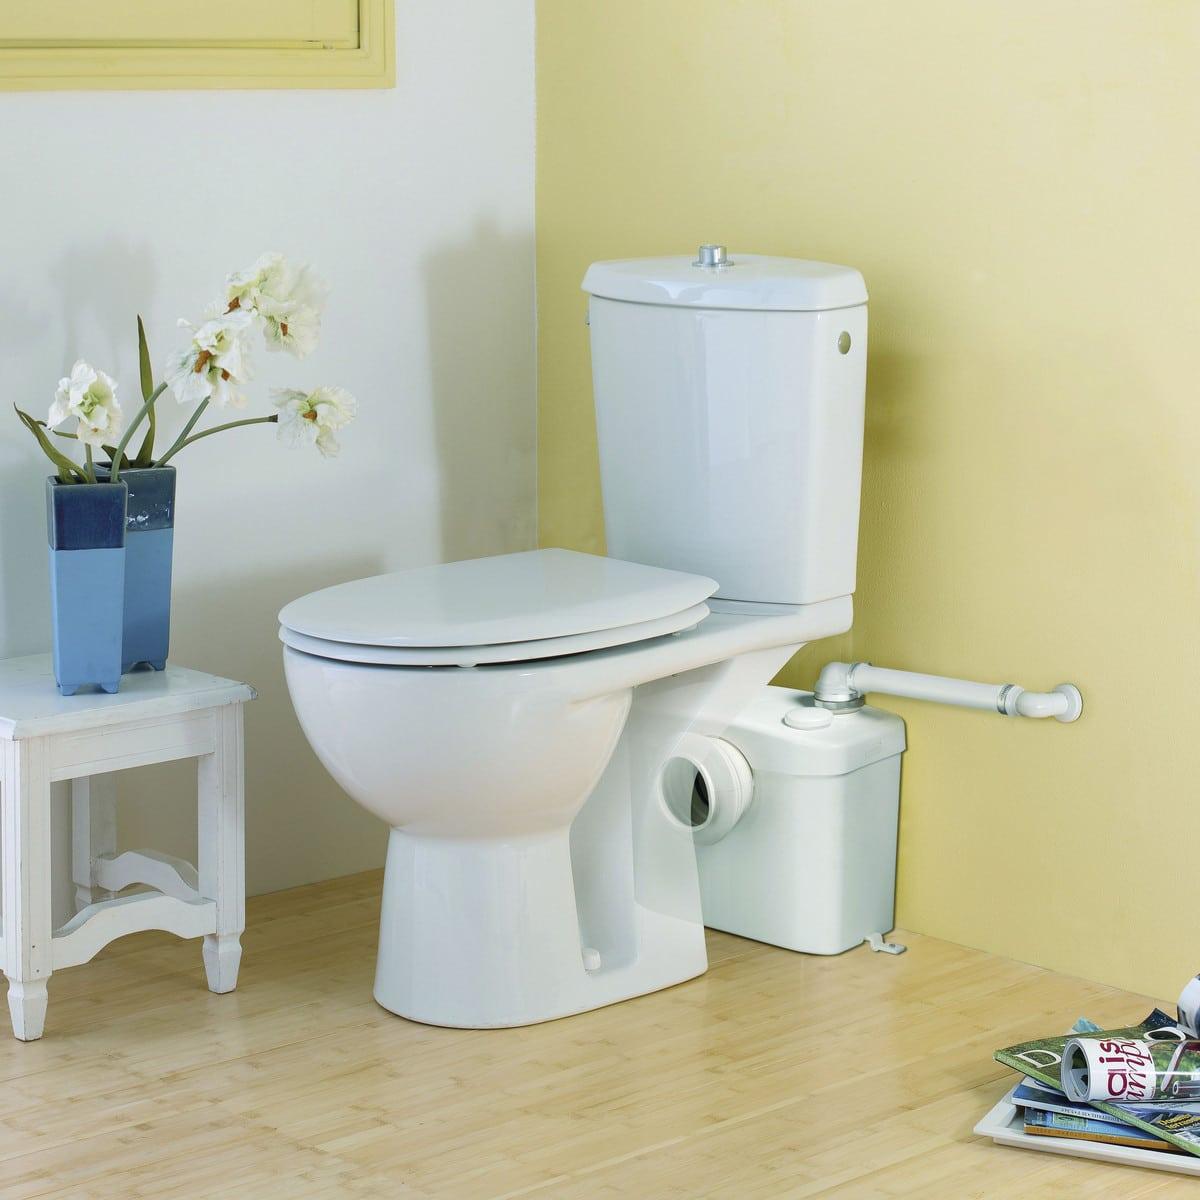 trituratore per wc